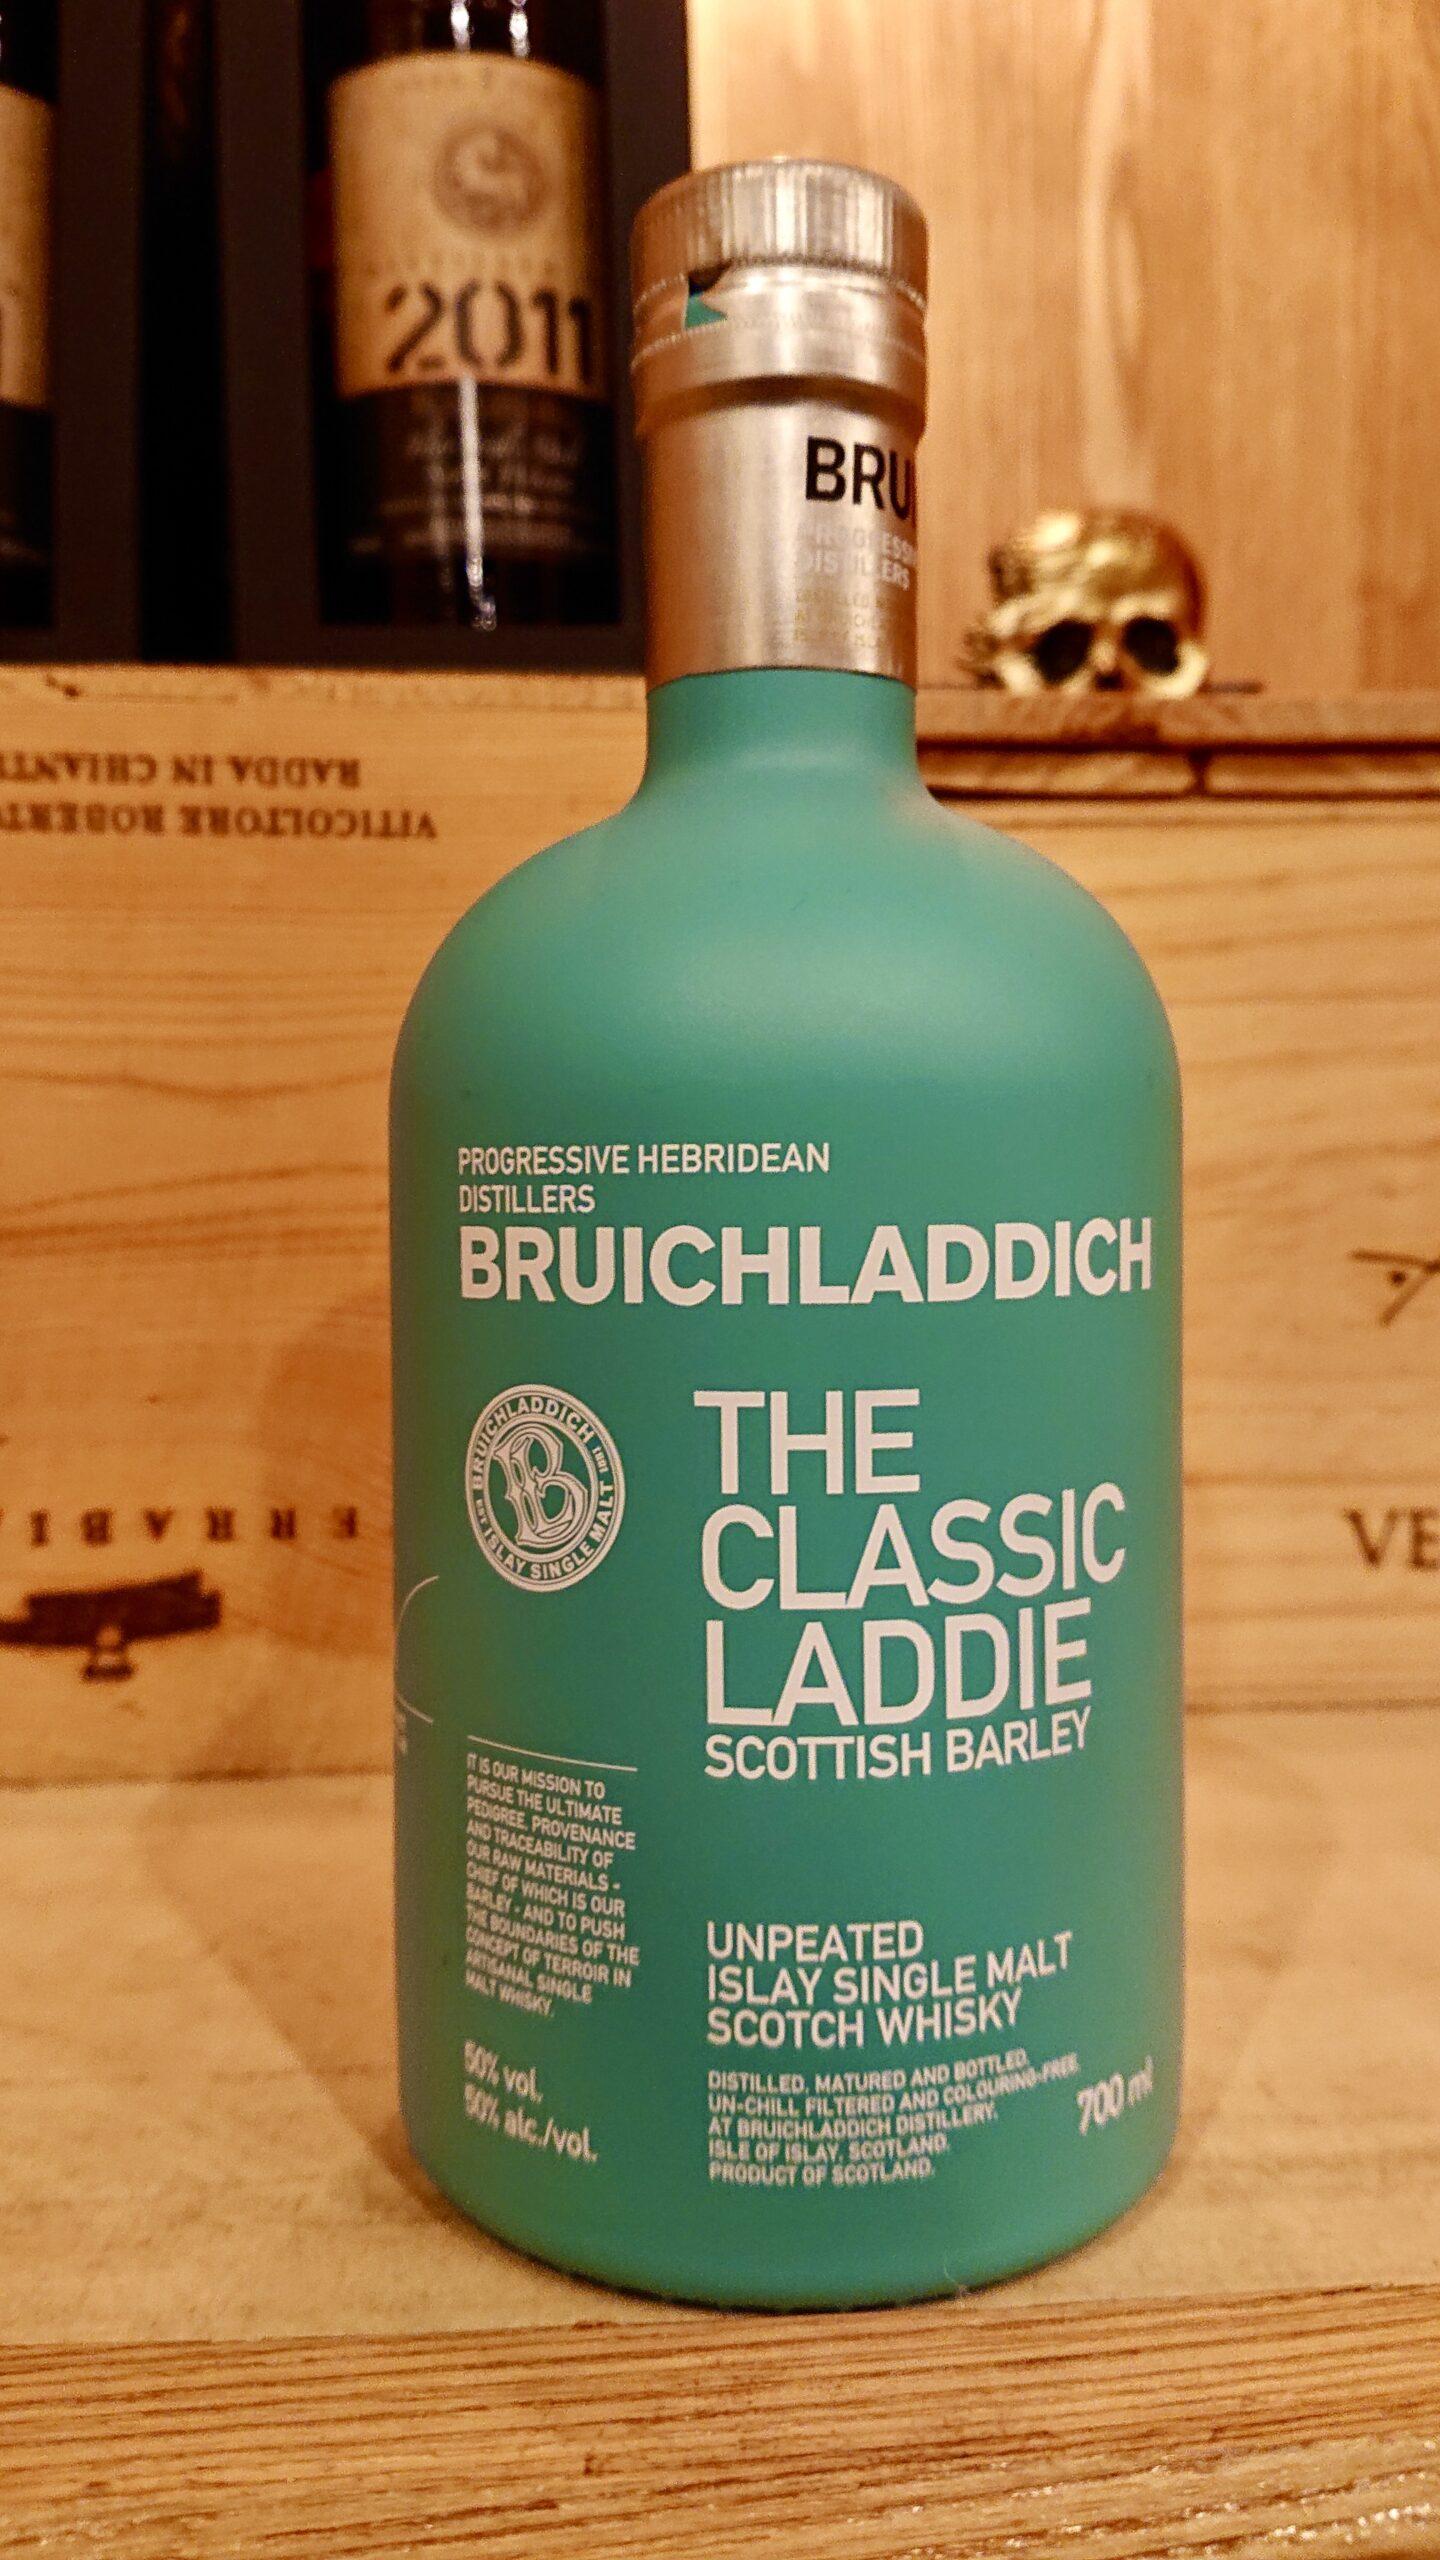 ブルックラディ・ザ・クラシックラディのテイスティング・お洒落ボトルで復活、アイラモルト新時代の騎手